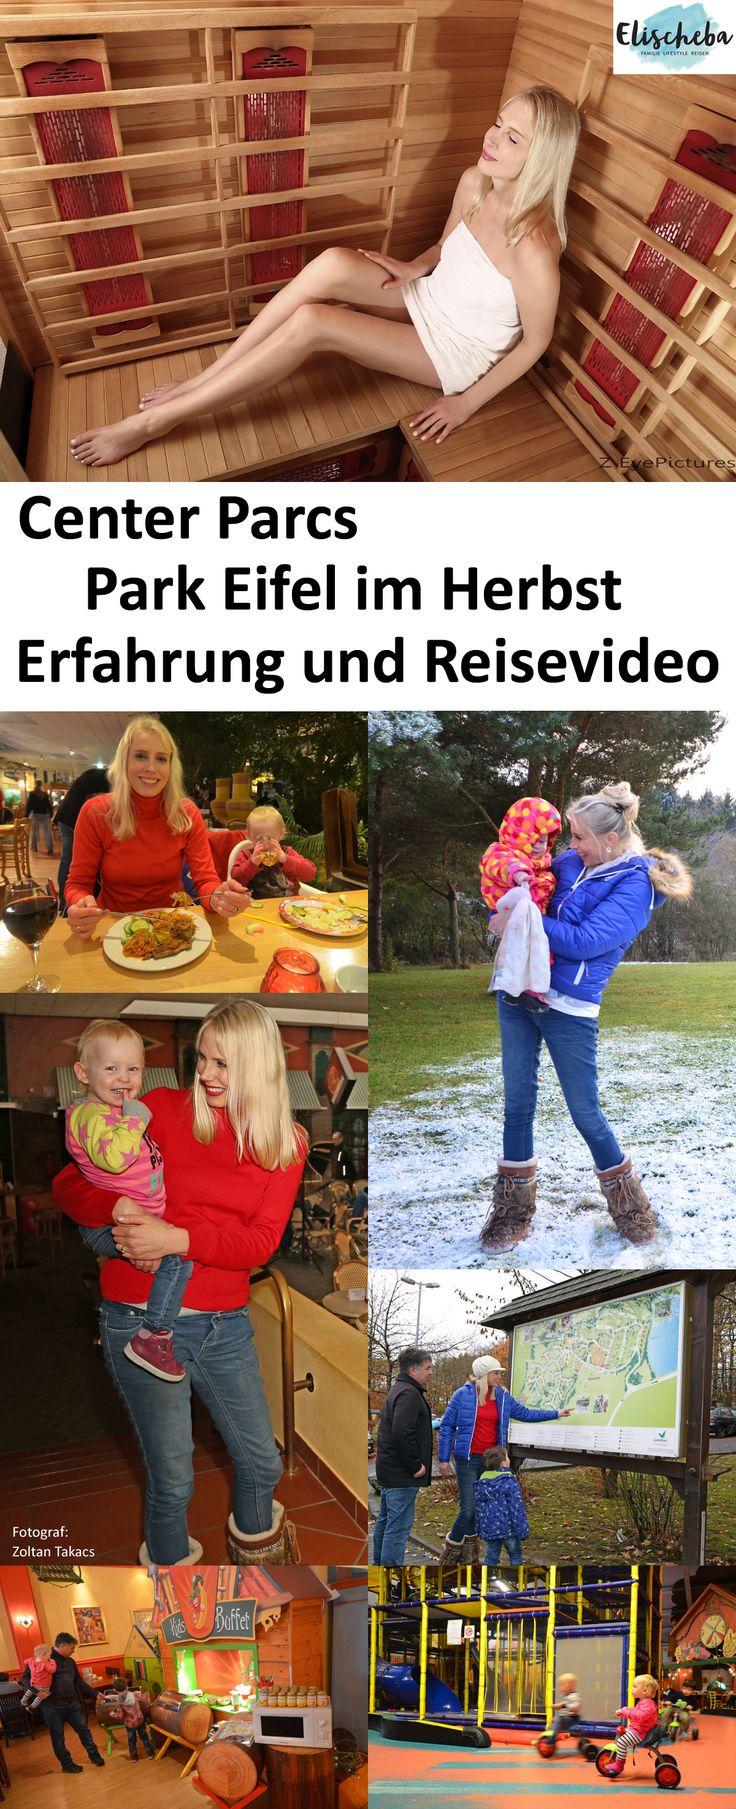 Wo kann man im November gut Kurzurlaub mit Kindern machen? Hier siehst du mein November-Video vom Center Parc Park Eifel (Pressereise, Werbung). #centerparcs #eifel #reise #reisen #mamablog #momblogs